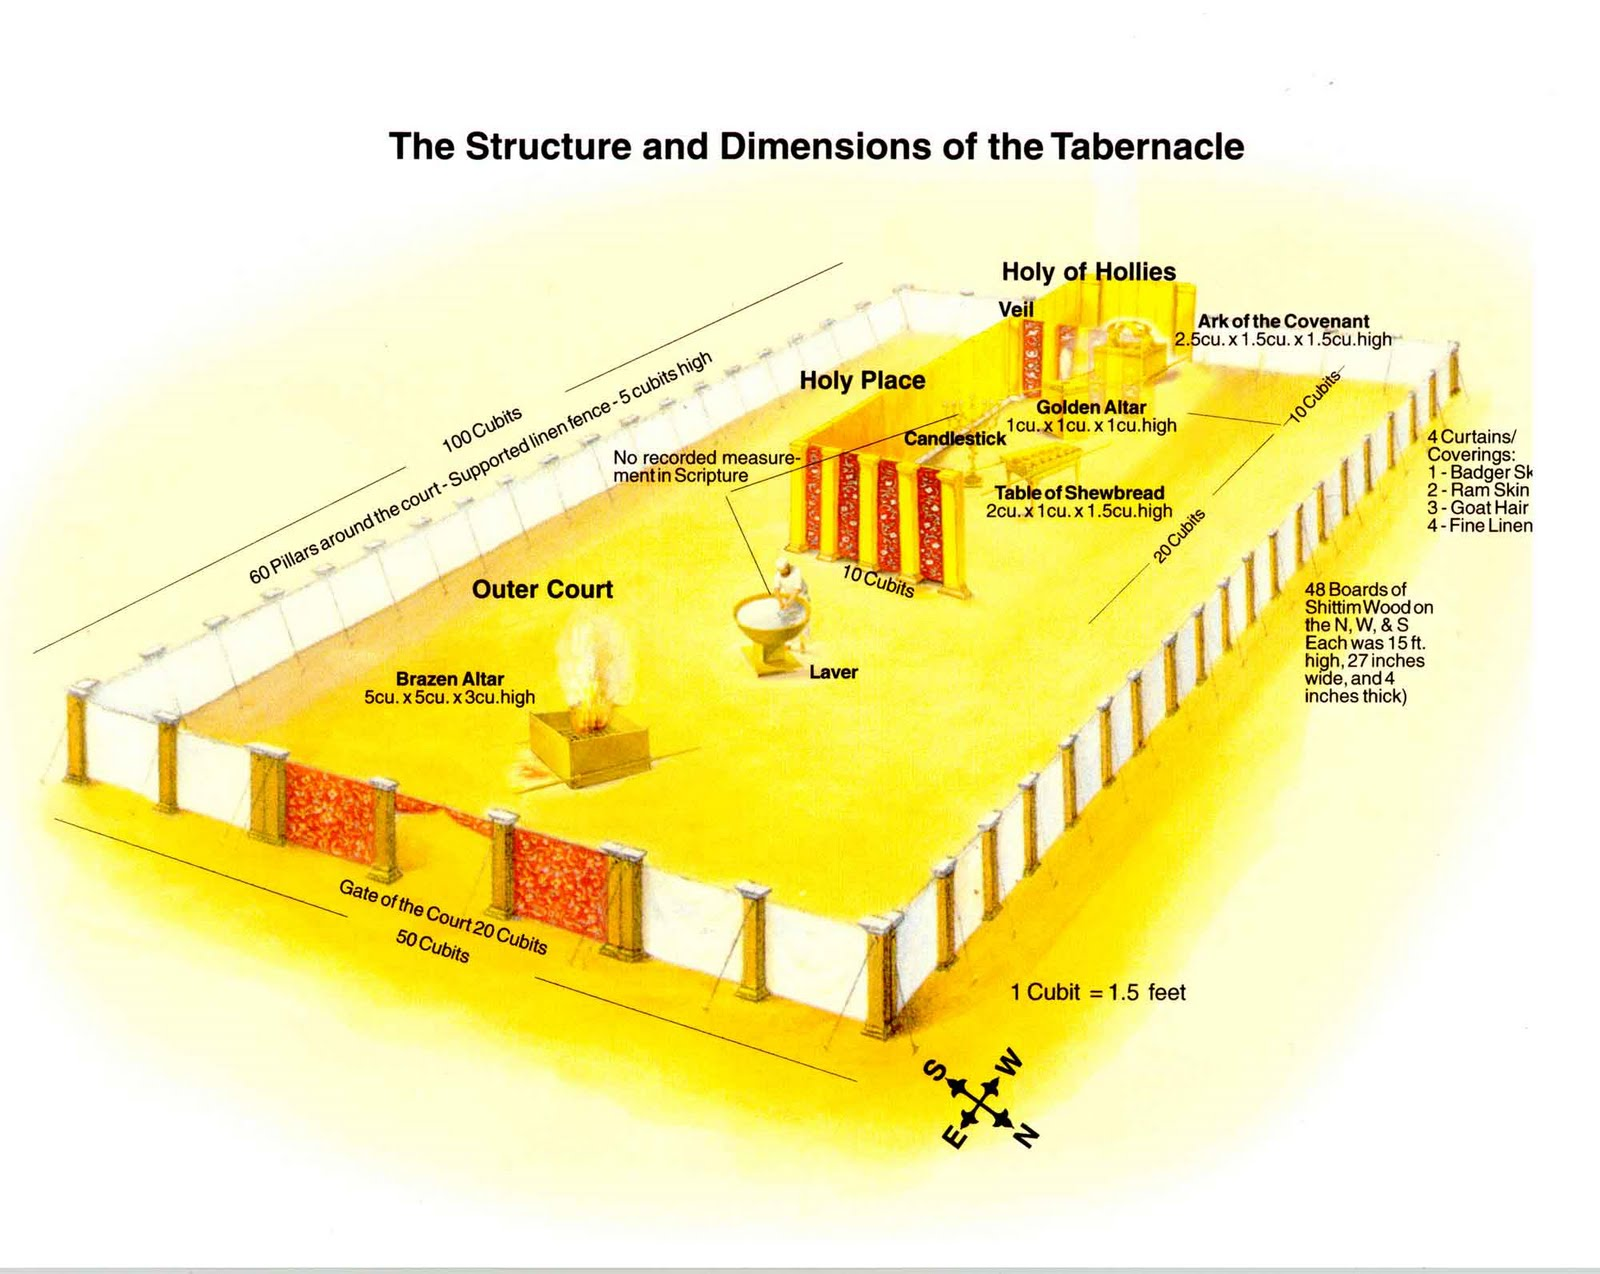 El santuario ten a tres divisiones